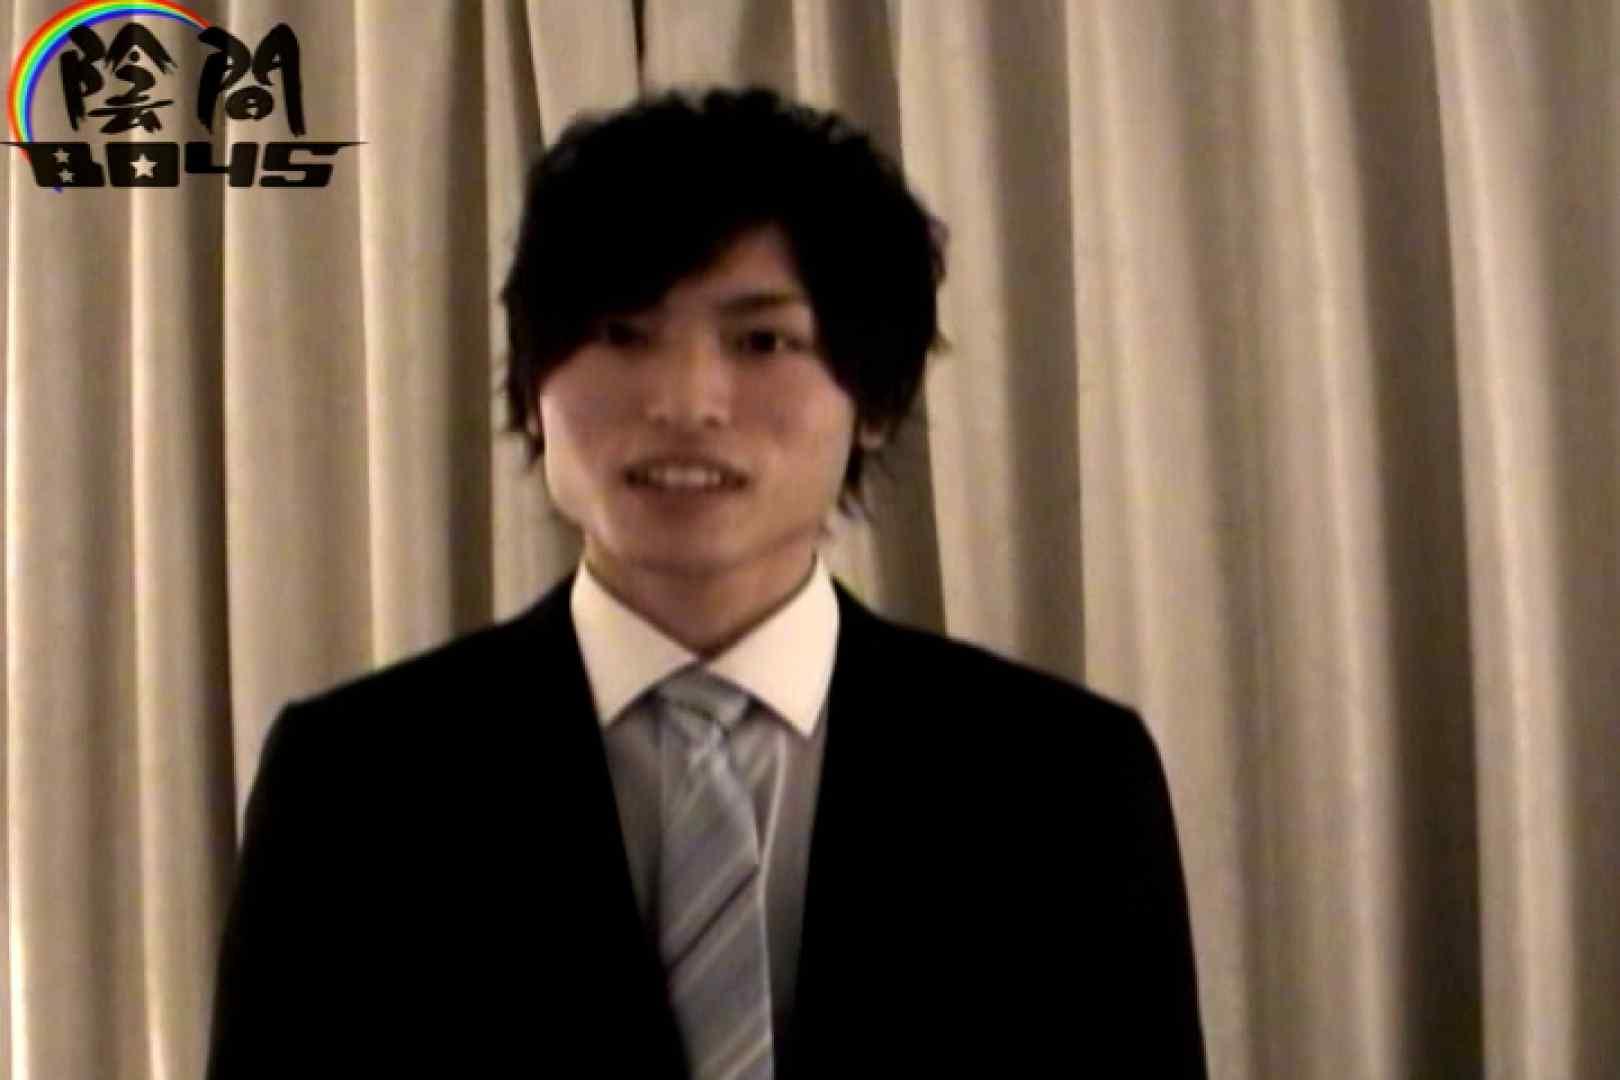 陰間BOYS~IKEMEN Interview~01  アナルで大興奮 ゲイエロ動画 105枚 47